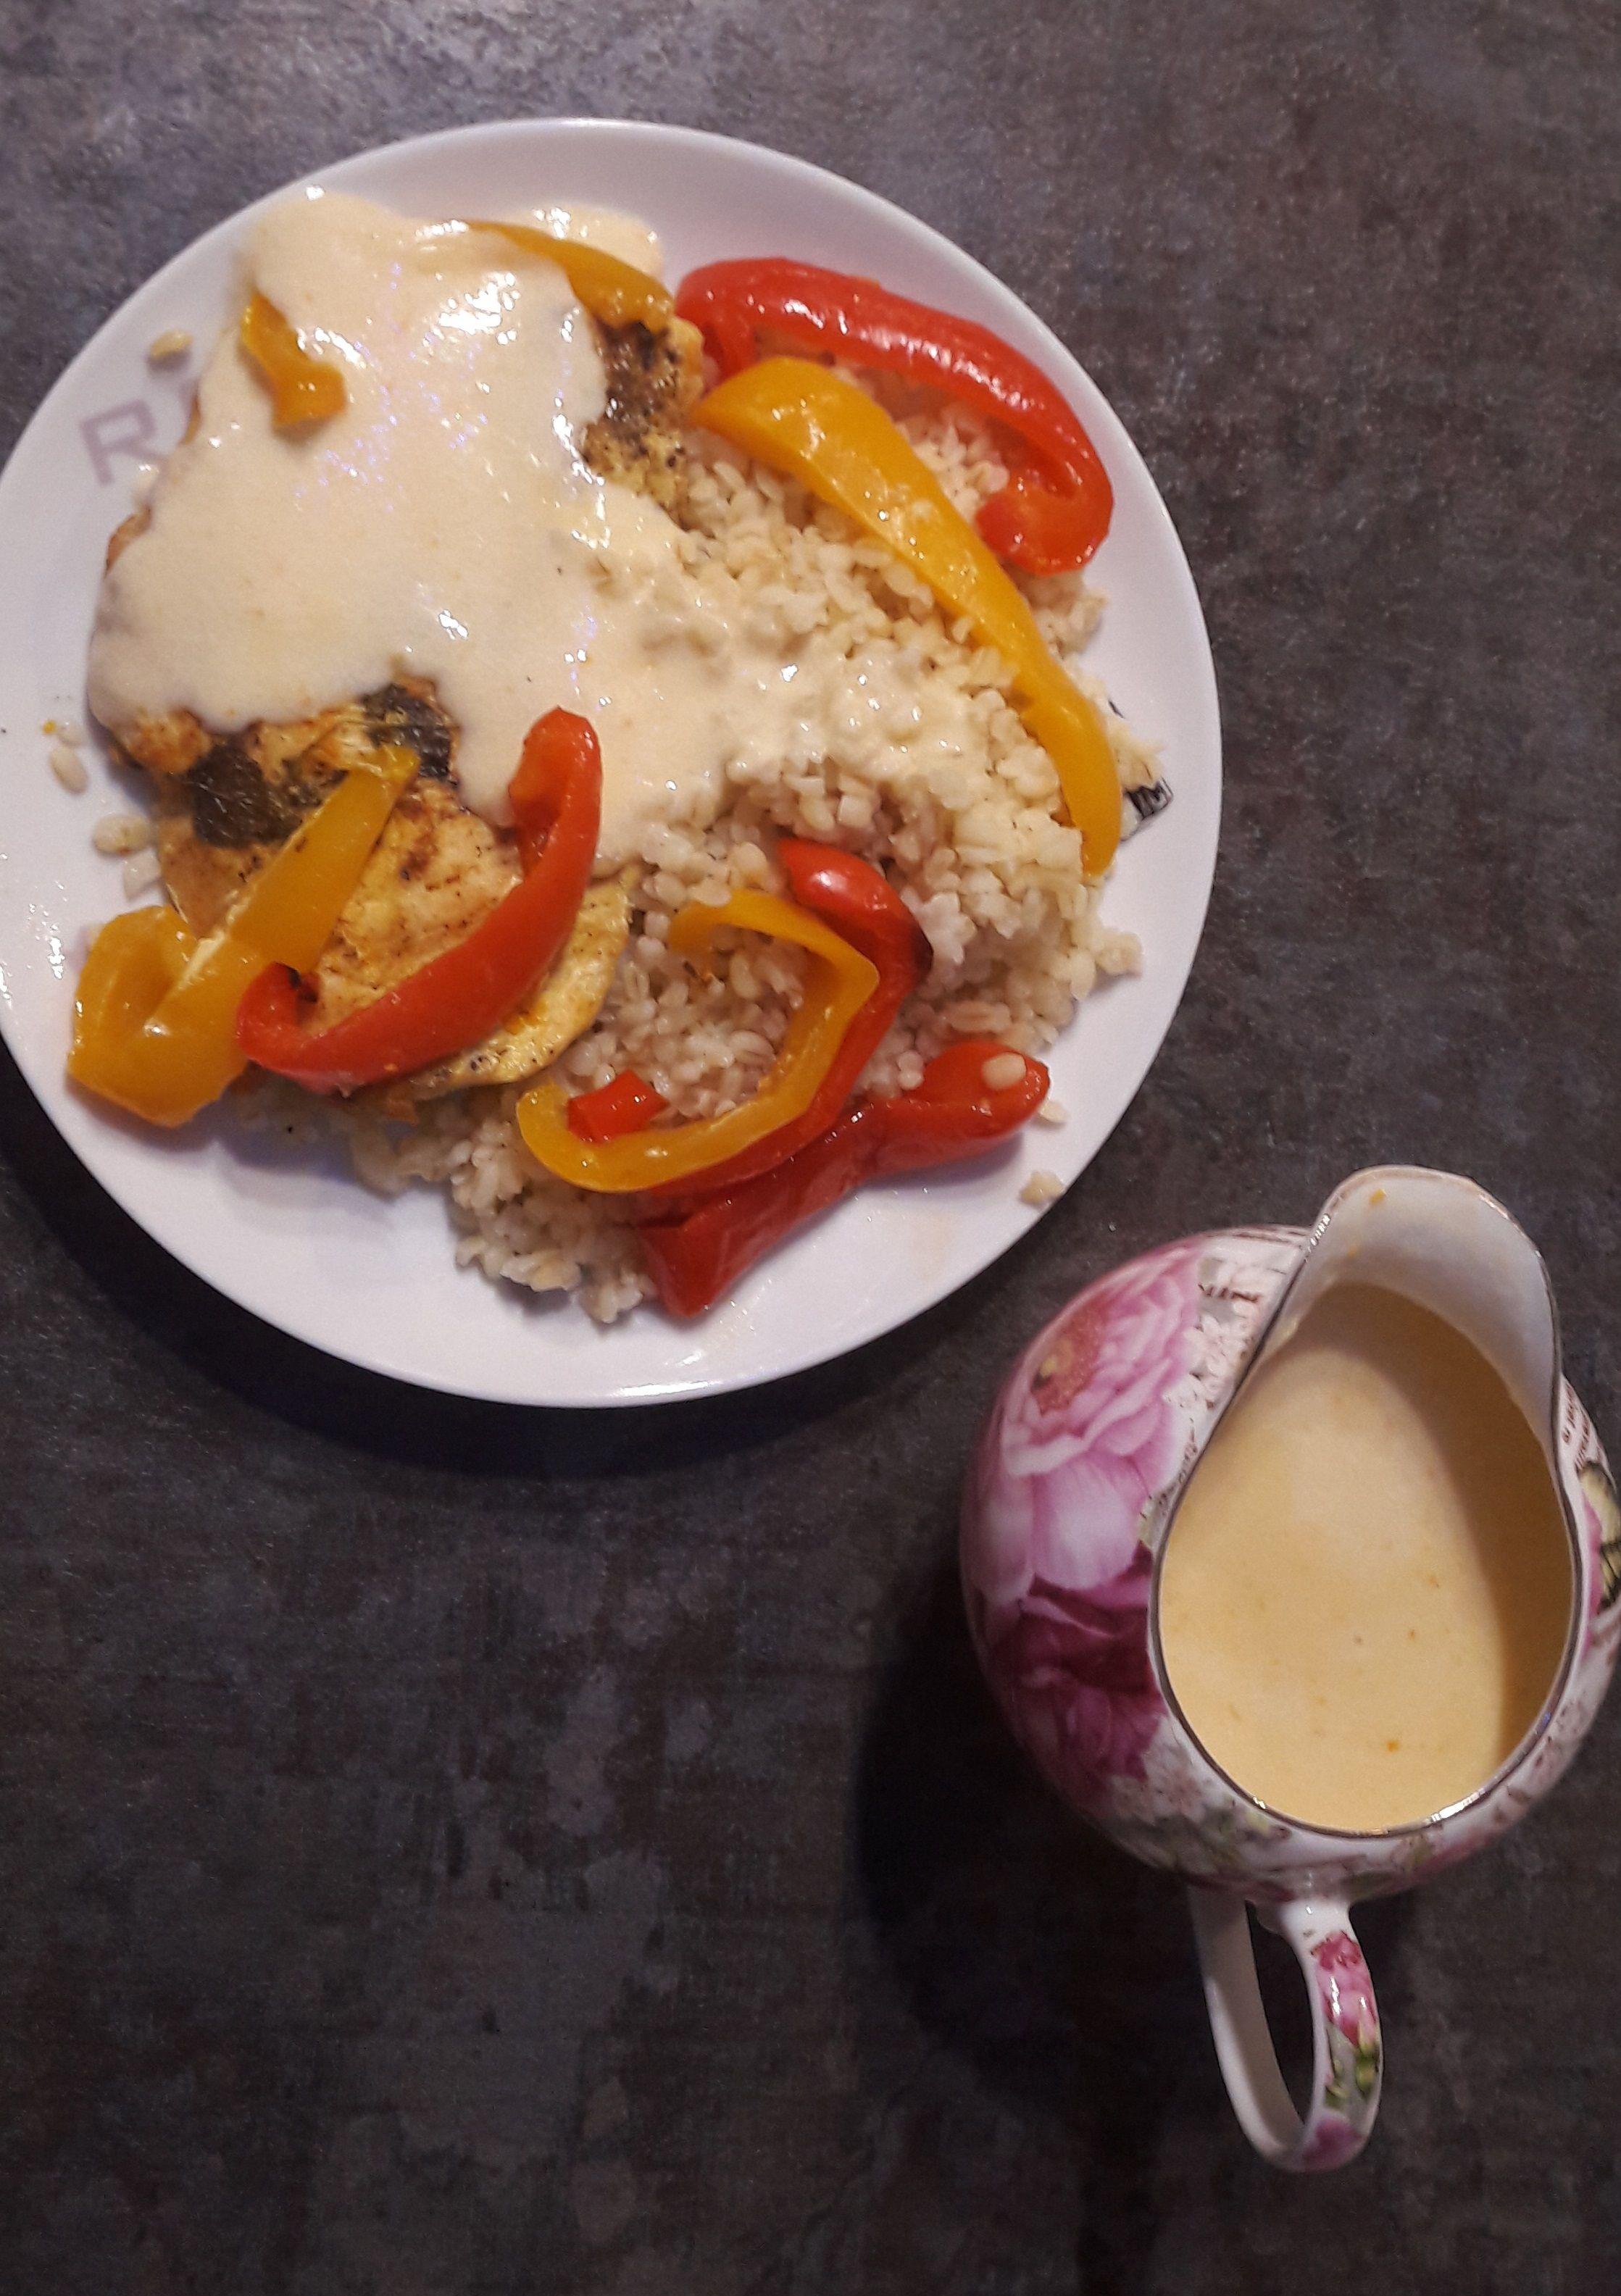 Soczysta pierś z kurczaka o lekko egzotycznym smaku.   #kurczakzwarzywami #drob #drób #chicken #chickenrecipes #chickenbreast #chickendinner #chickentenders #mięso #pieczonemieso #pieczonemięso #dinnertime #pomysłnaobiad #naobiad #pietus #njami #obiady #obiaddomowy #foodmakesmehappy #foodsofig #lovefood #foodtime #eatgood #heartymeal #yumm #kurczak #chicken #chickenbreast #vistiena #vištiena  #chickenrecipes #chickendinner #chickentenders #kurczakzwarzywami #drob #drób #mięso #pieczonemieso